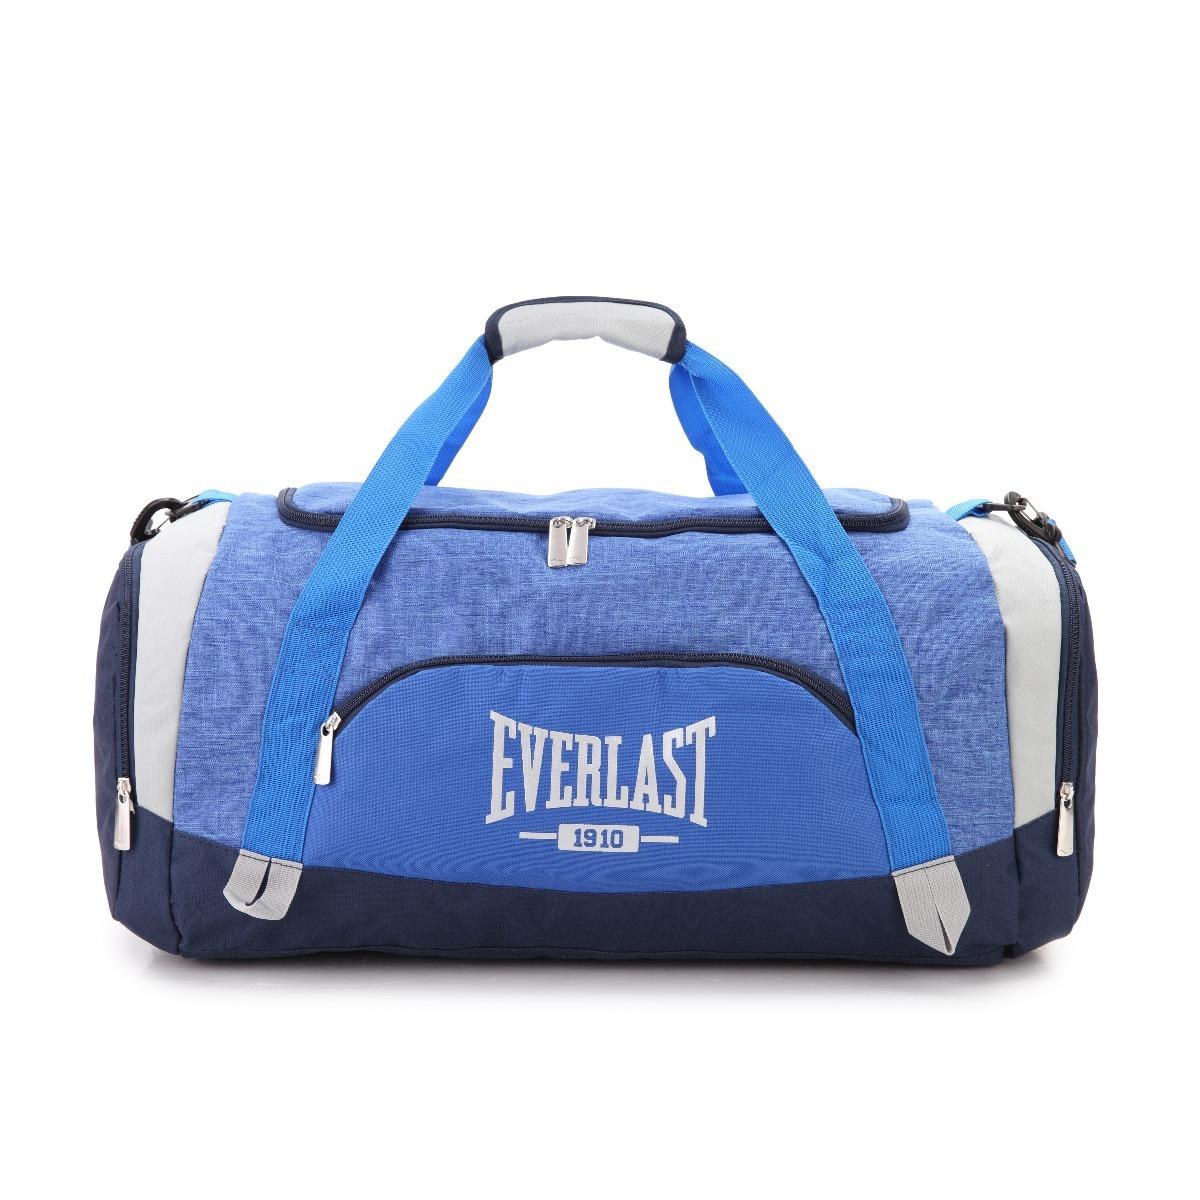 0ebed374 bolsos deportivos hombre bolsos playa gym everlast original. Cargando zoom.